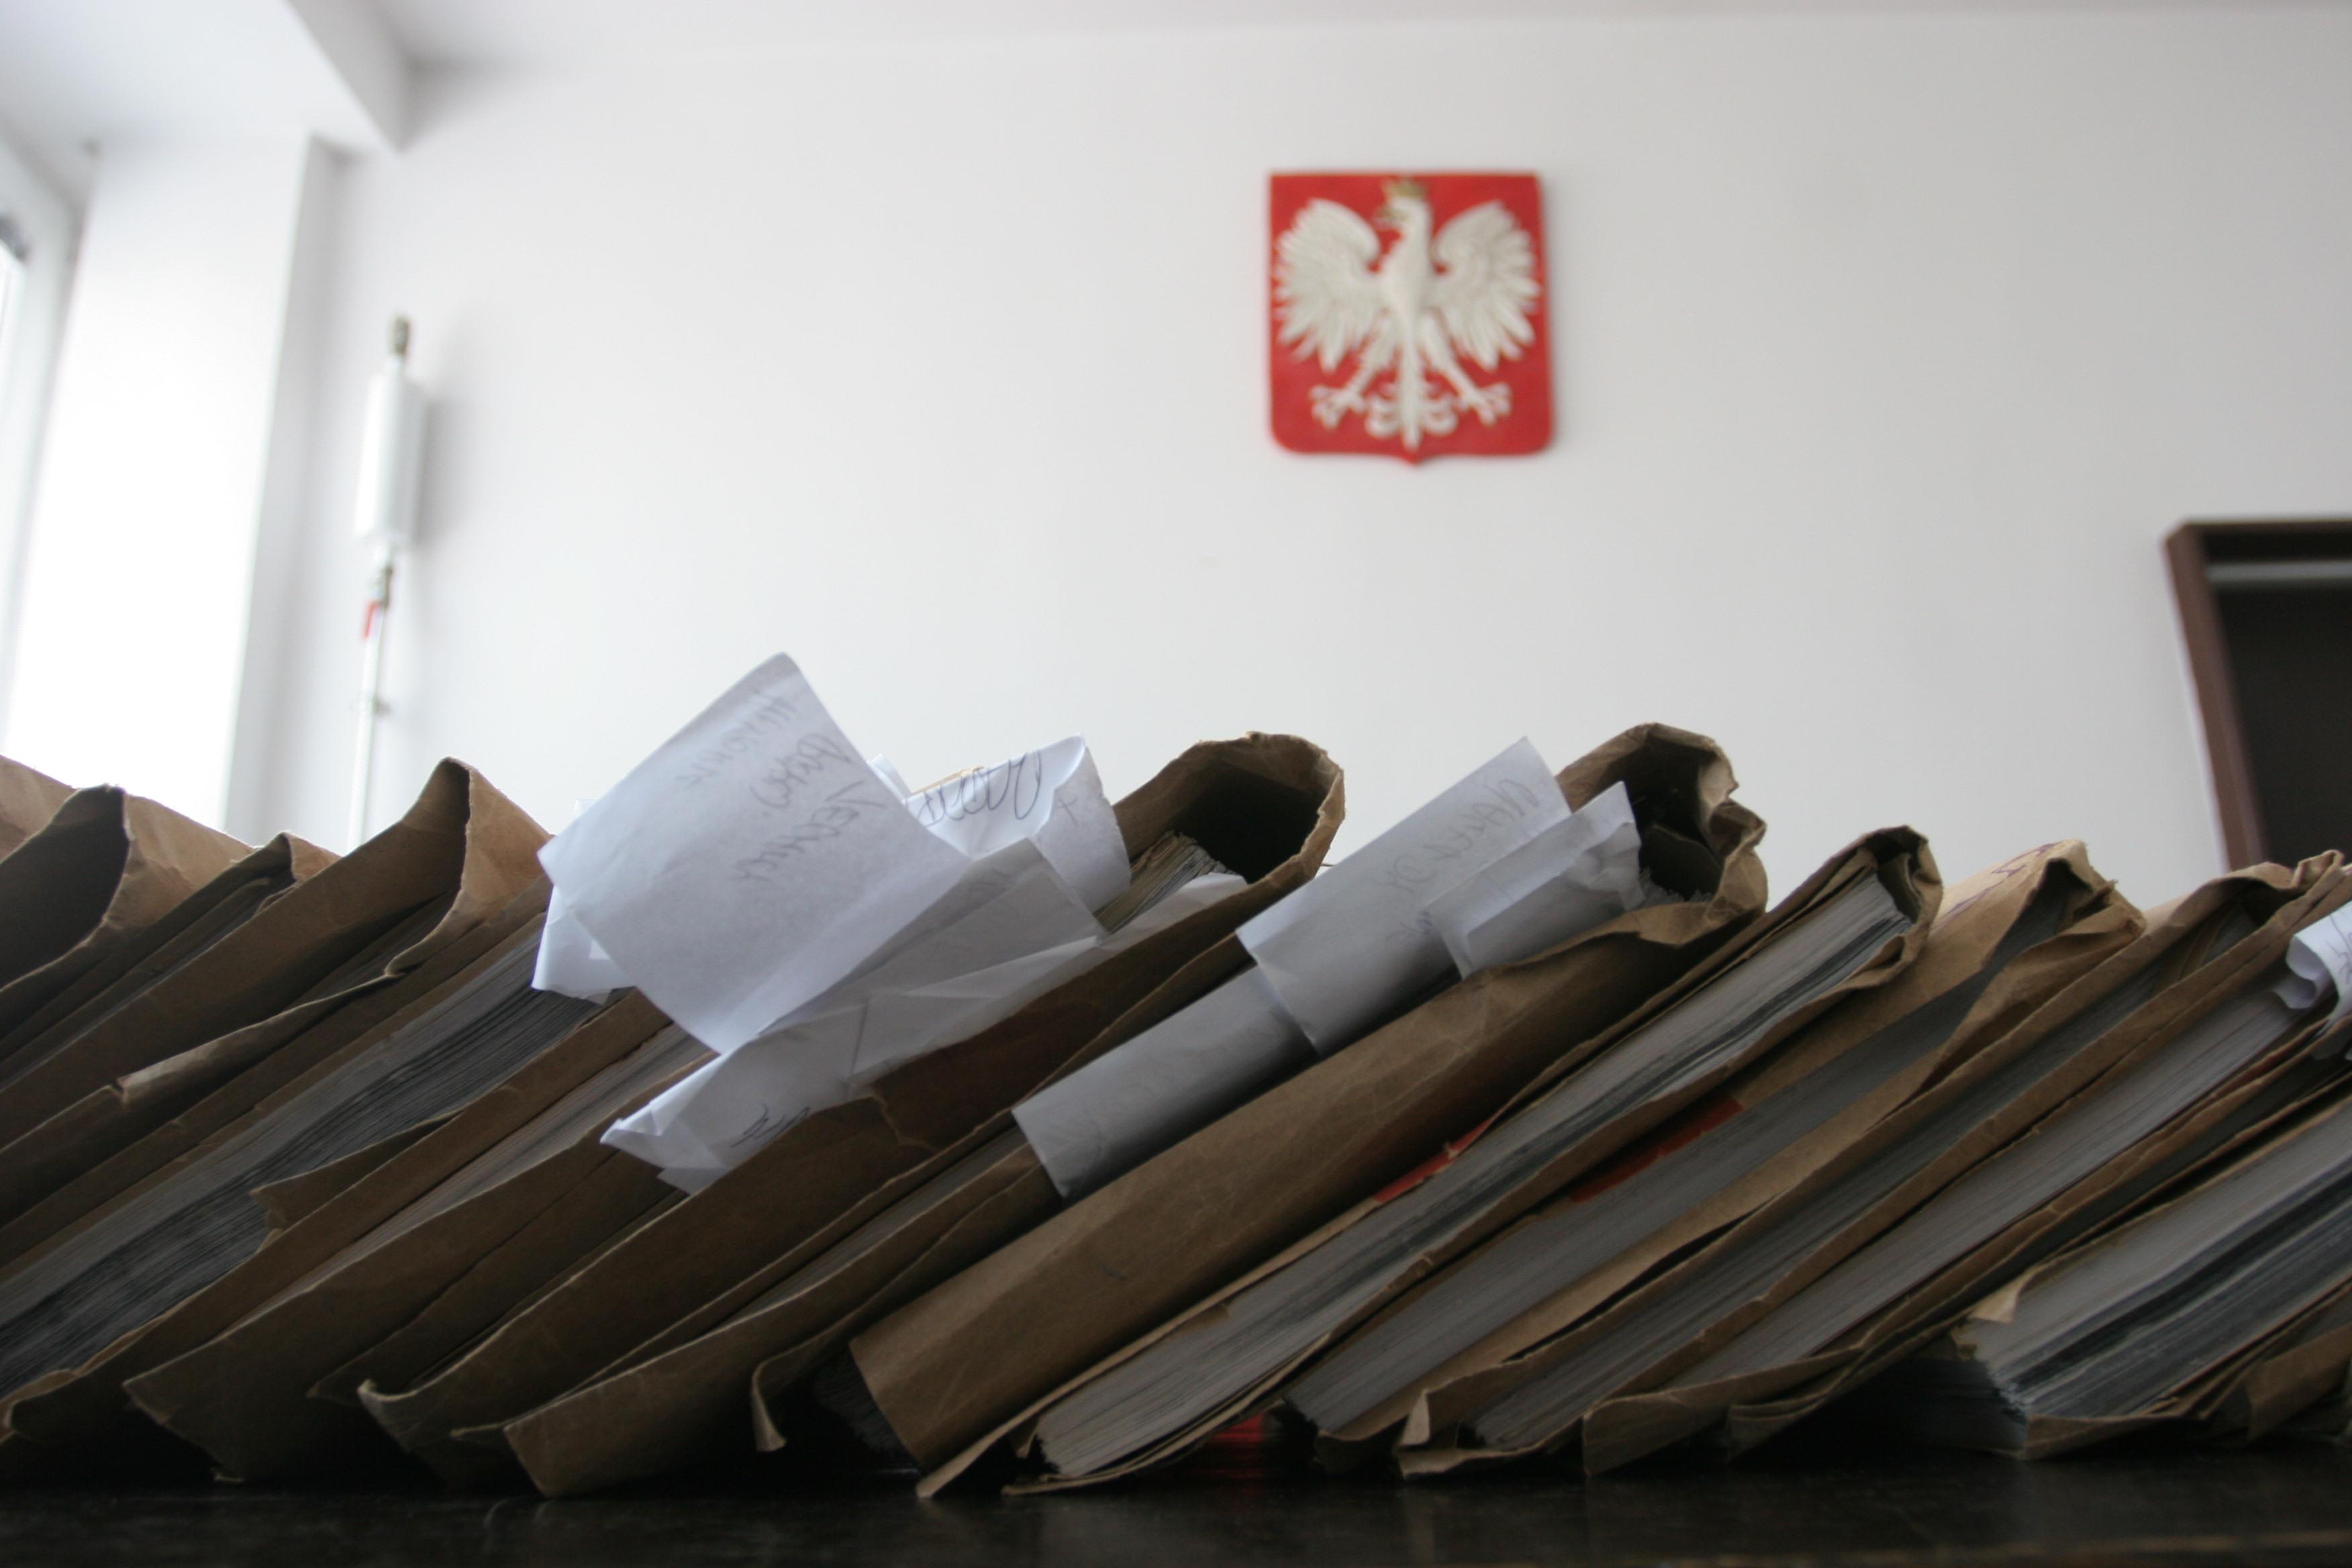 Jako pierwszy i tak naprawdę jedyny do zabicia Joli Brzozowskiej przyznaje się 'Jogi' (fot. Krzysztof Karolczyk / Agencja Gazeta)